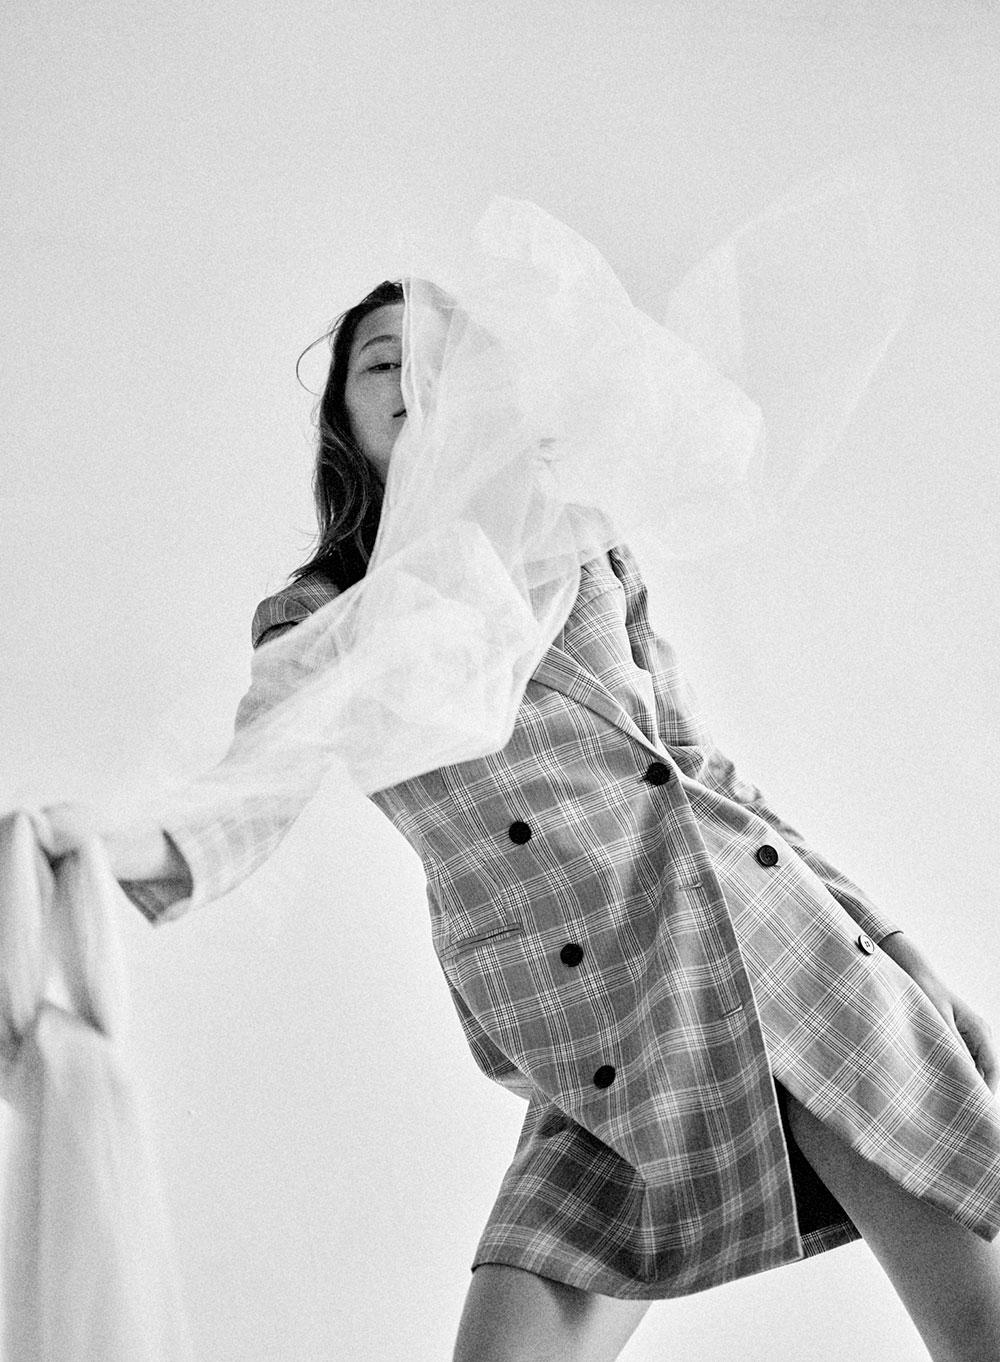 Model Dasha Maletina by Keiichiro Nakajima for MONROWE Magazine